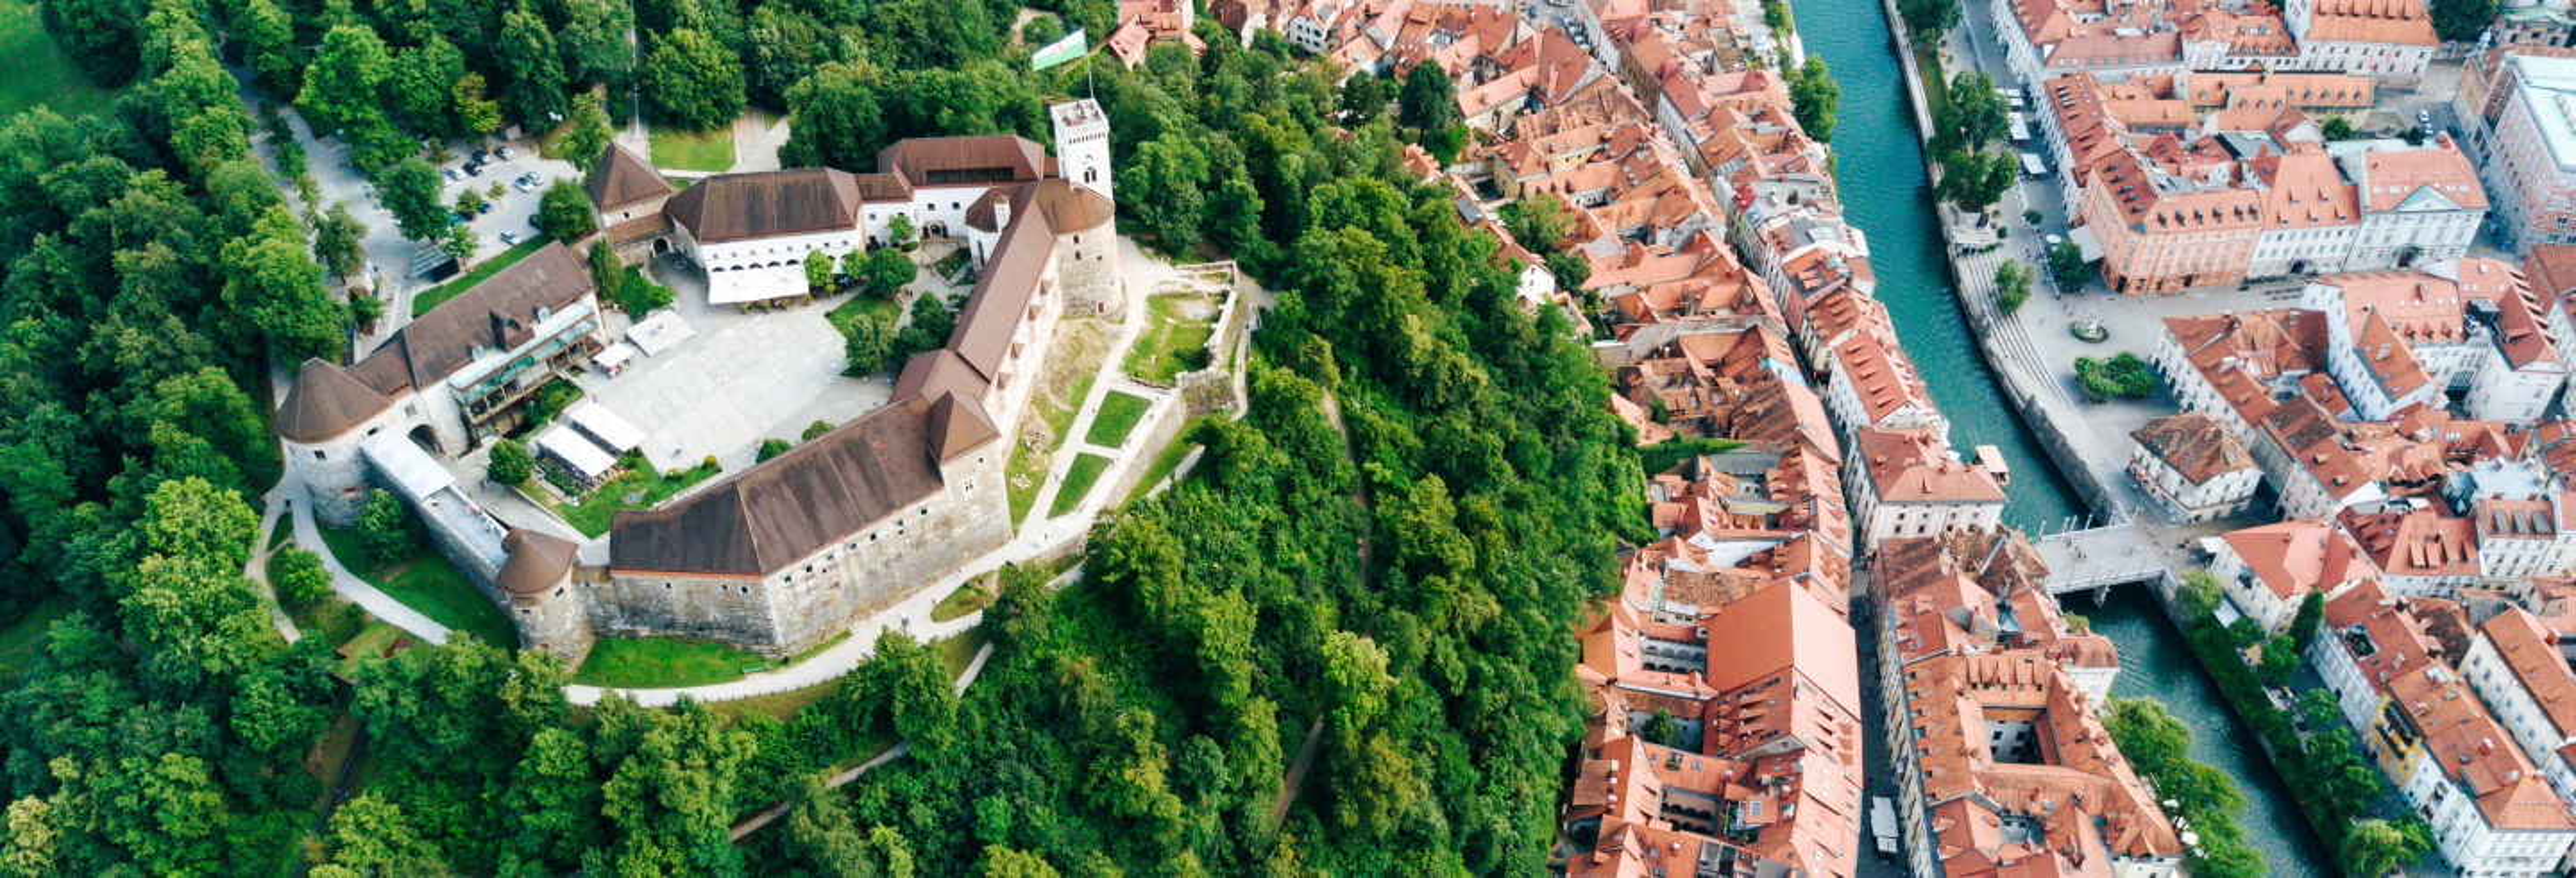 Excursão a Liubliana